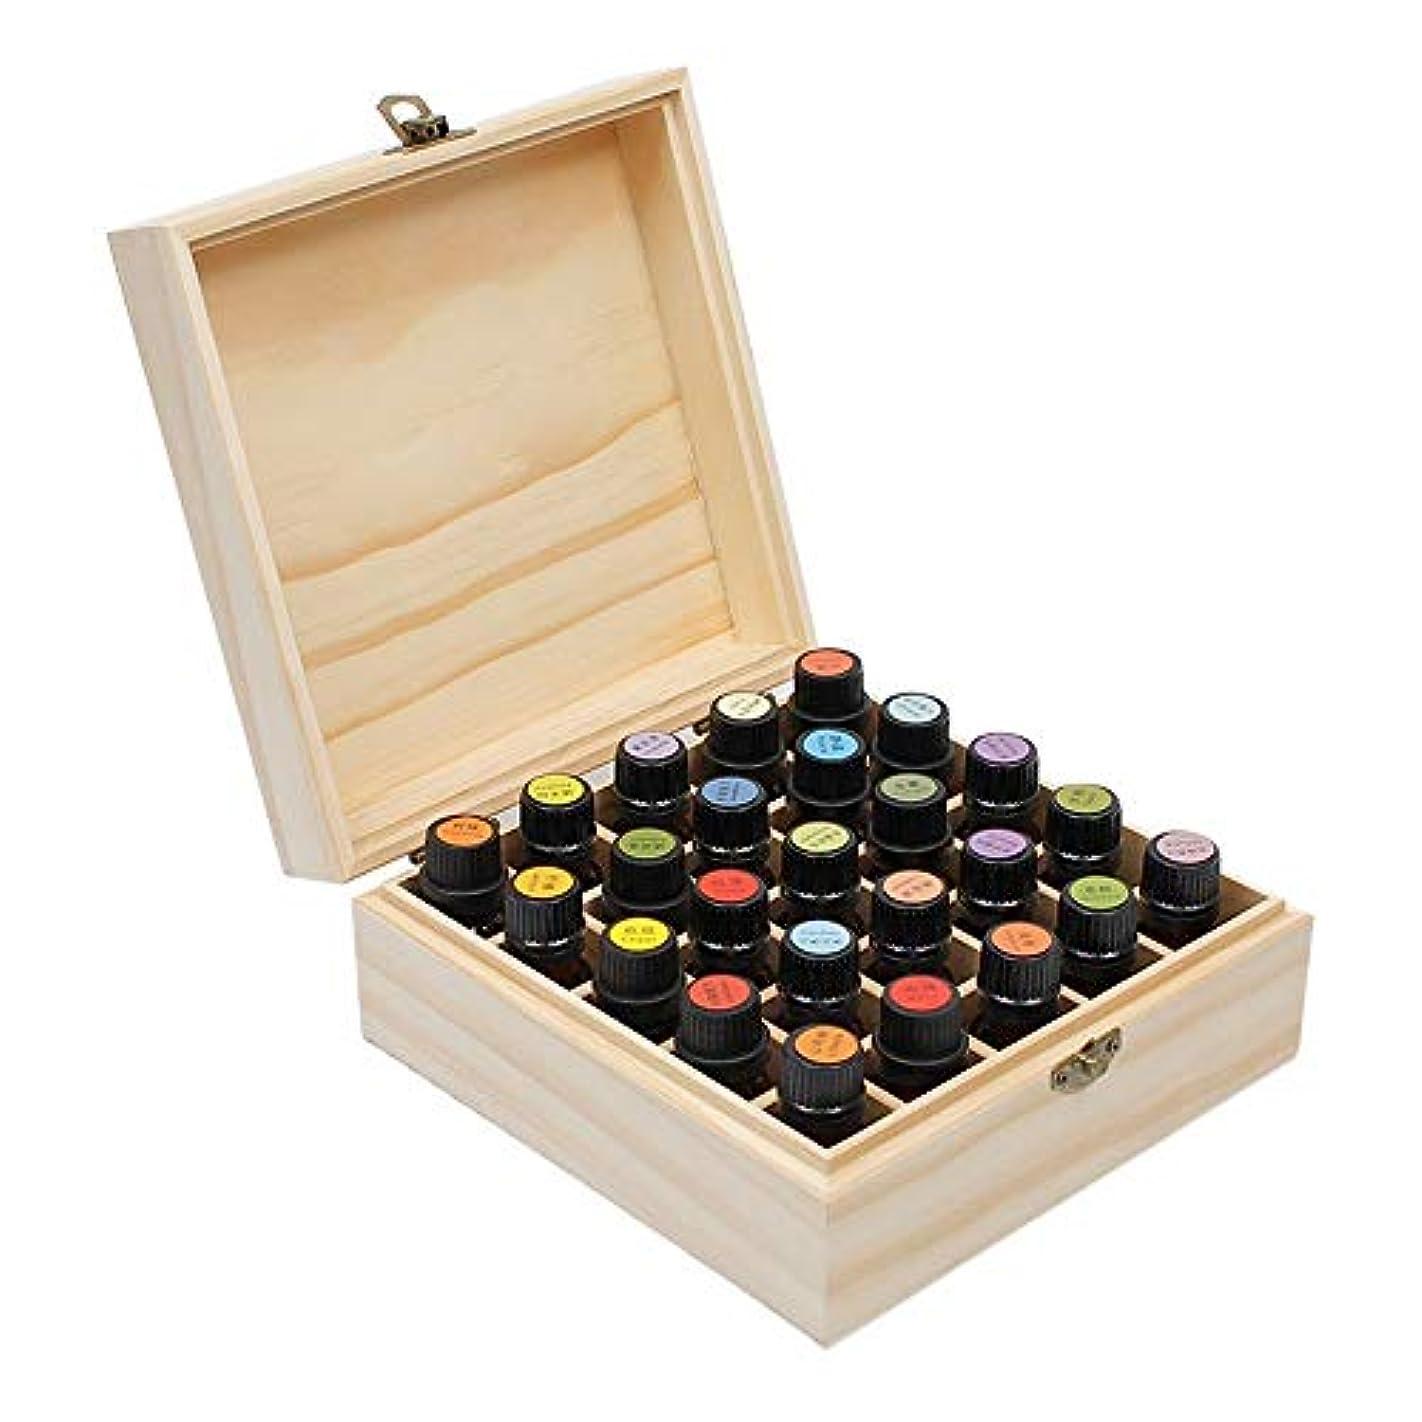 リフトみぞれ恐怖症エッセンシャルオイル収納ボックス 表示18.3x18.3x8.3cmを運び、ホームストレージ用25スロットエッセンシャルオイルボックス木製収納ケース (色 : Natural, サイズ : 18.3X18.3X8.3CM)